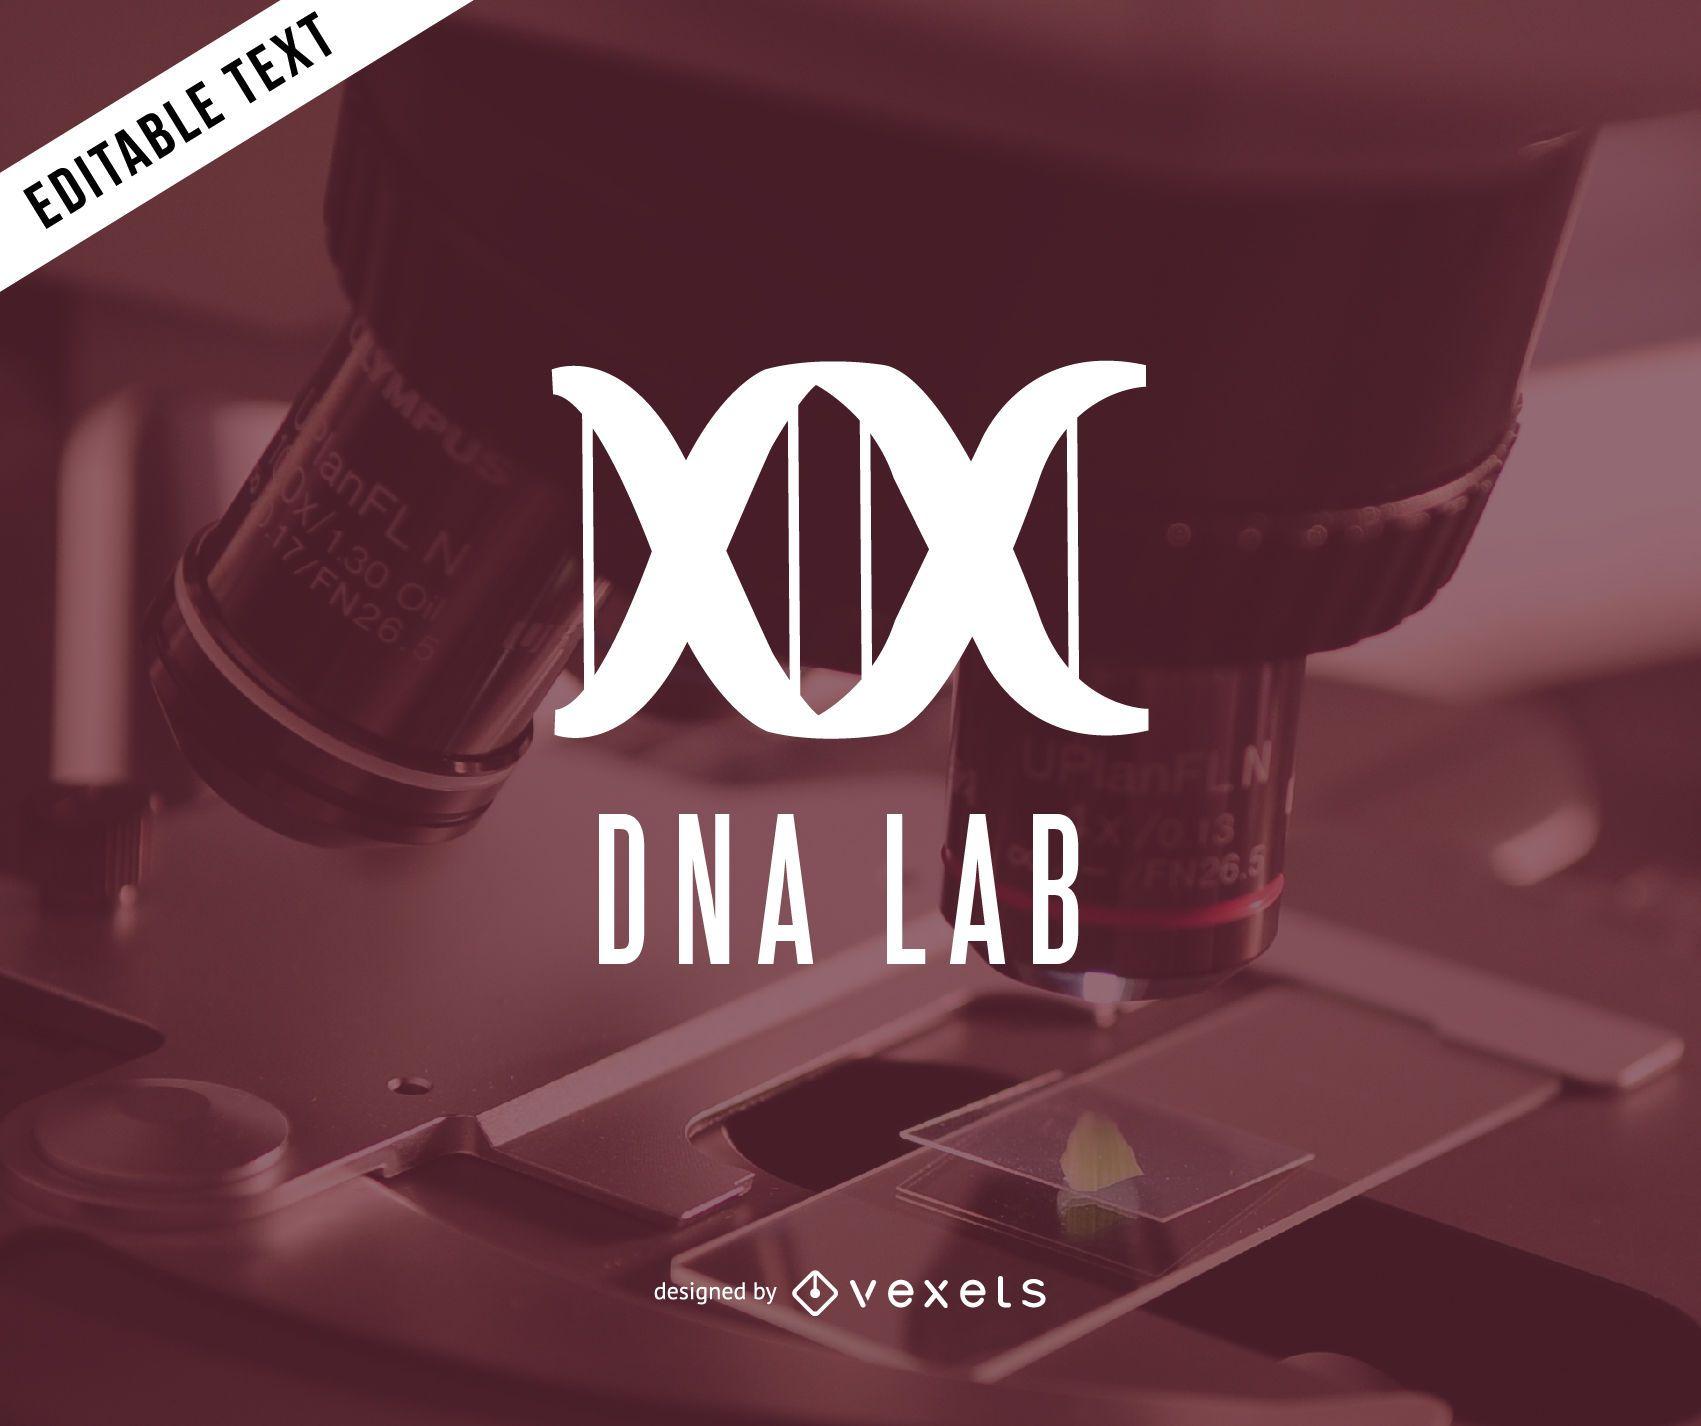 Diseño de plantilla de logotipo de ADN laboratorio - Descargar vector